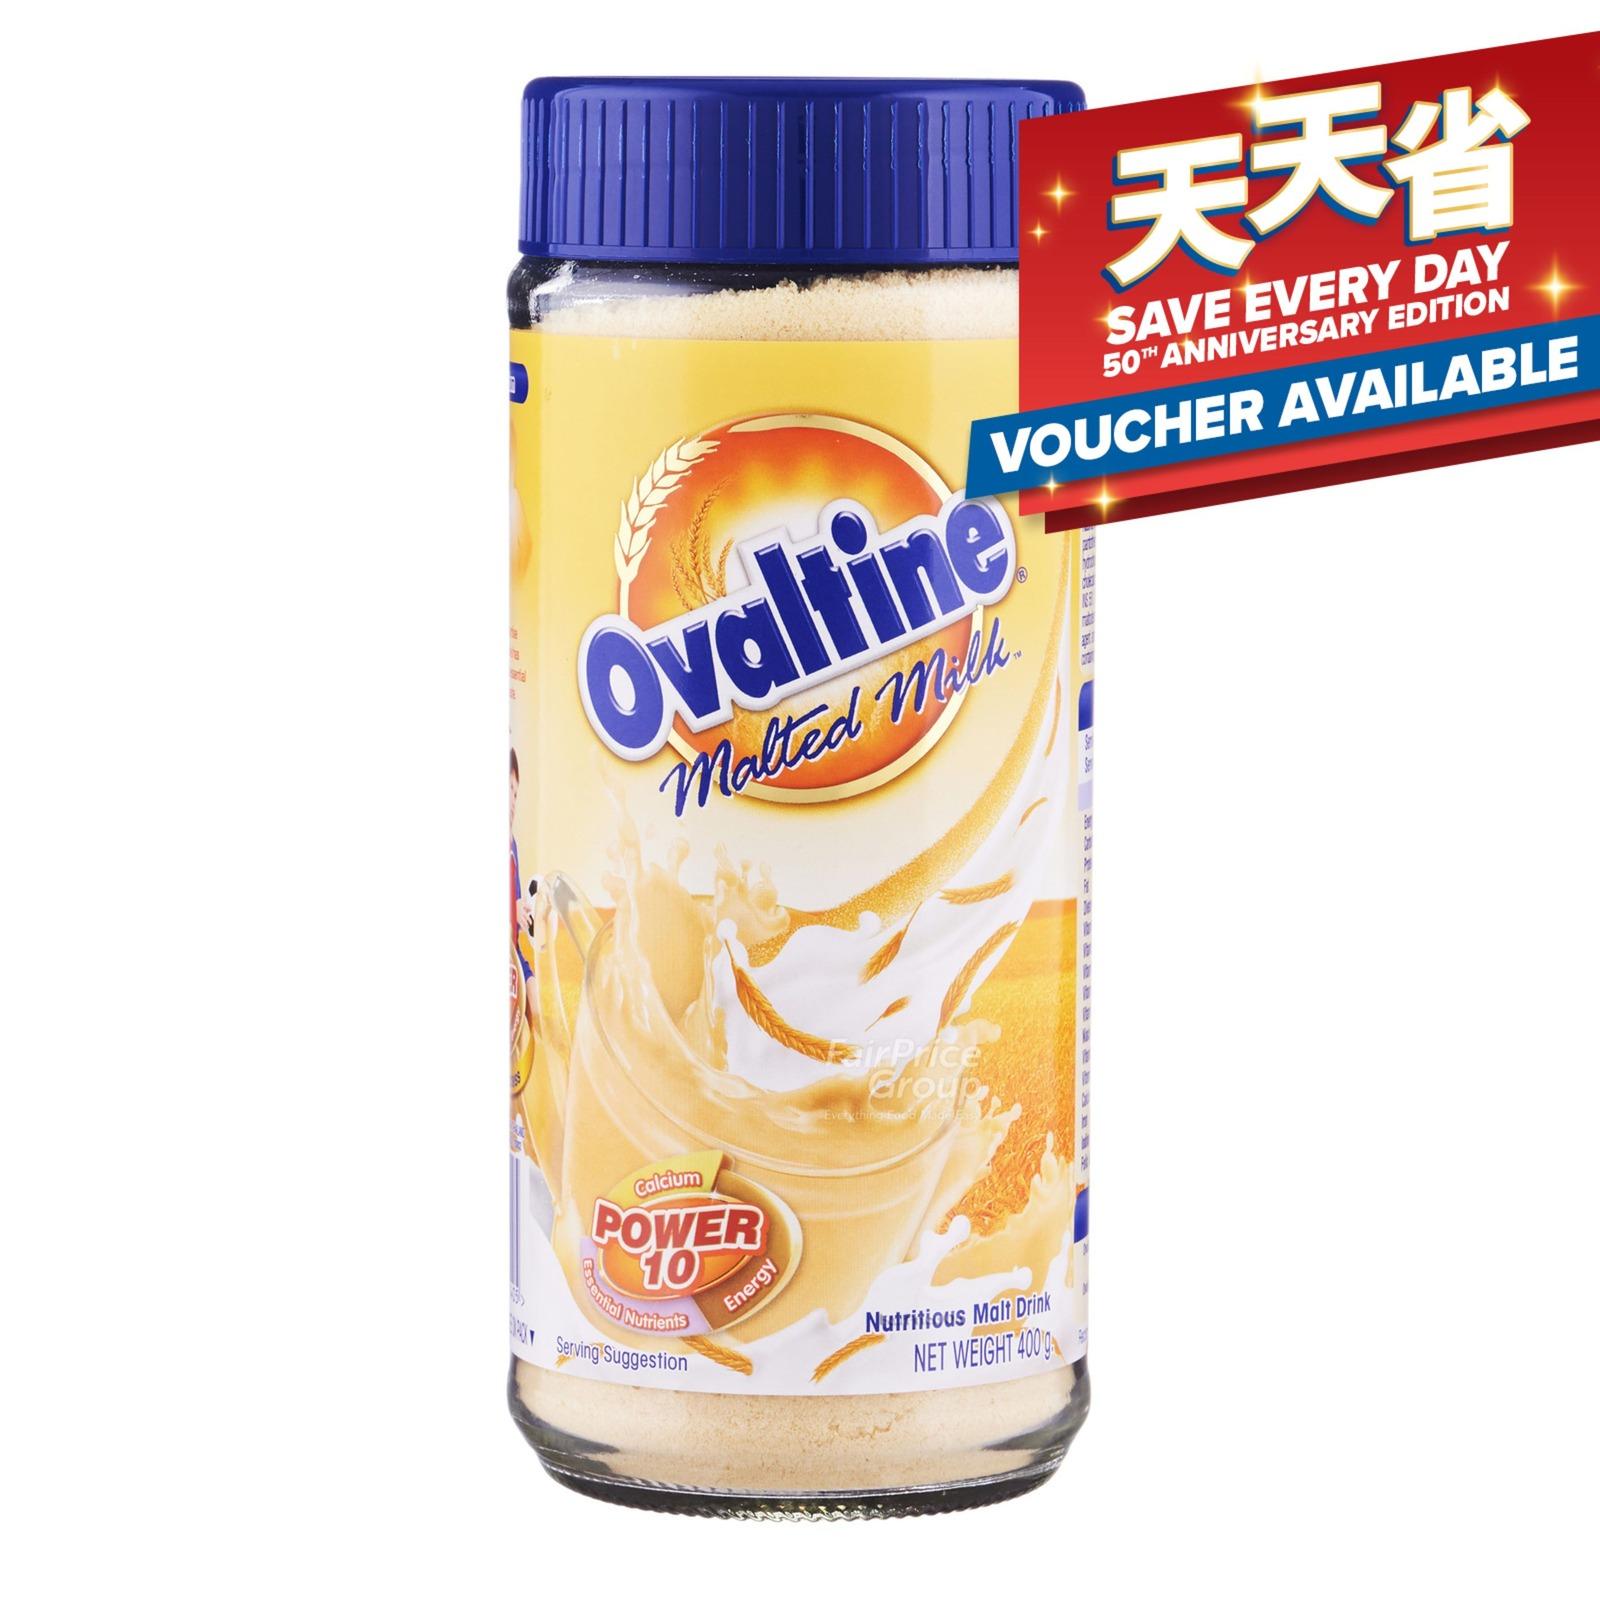 Ovaltine Instant Malt Drink Powder Jar - Malted Milk (Power 10)